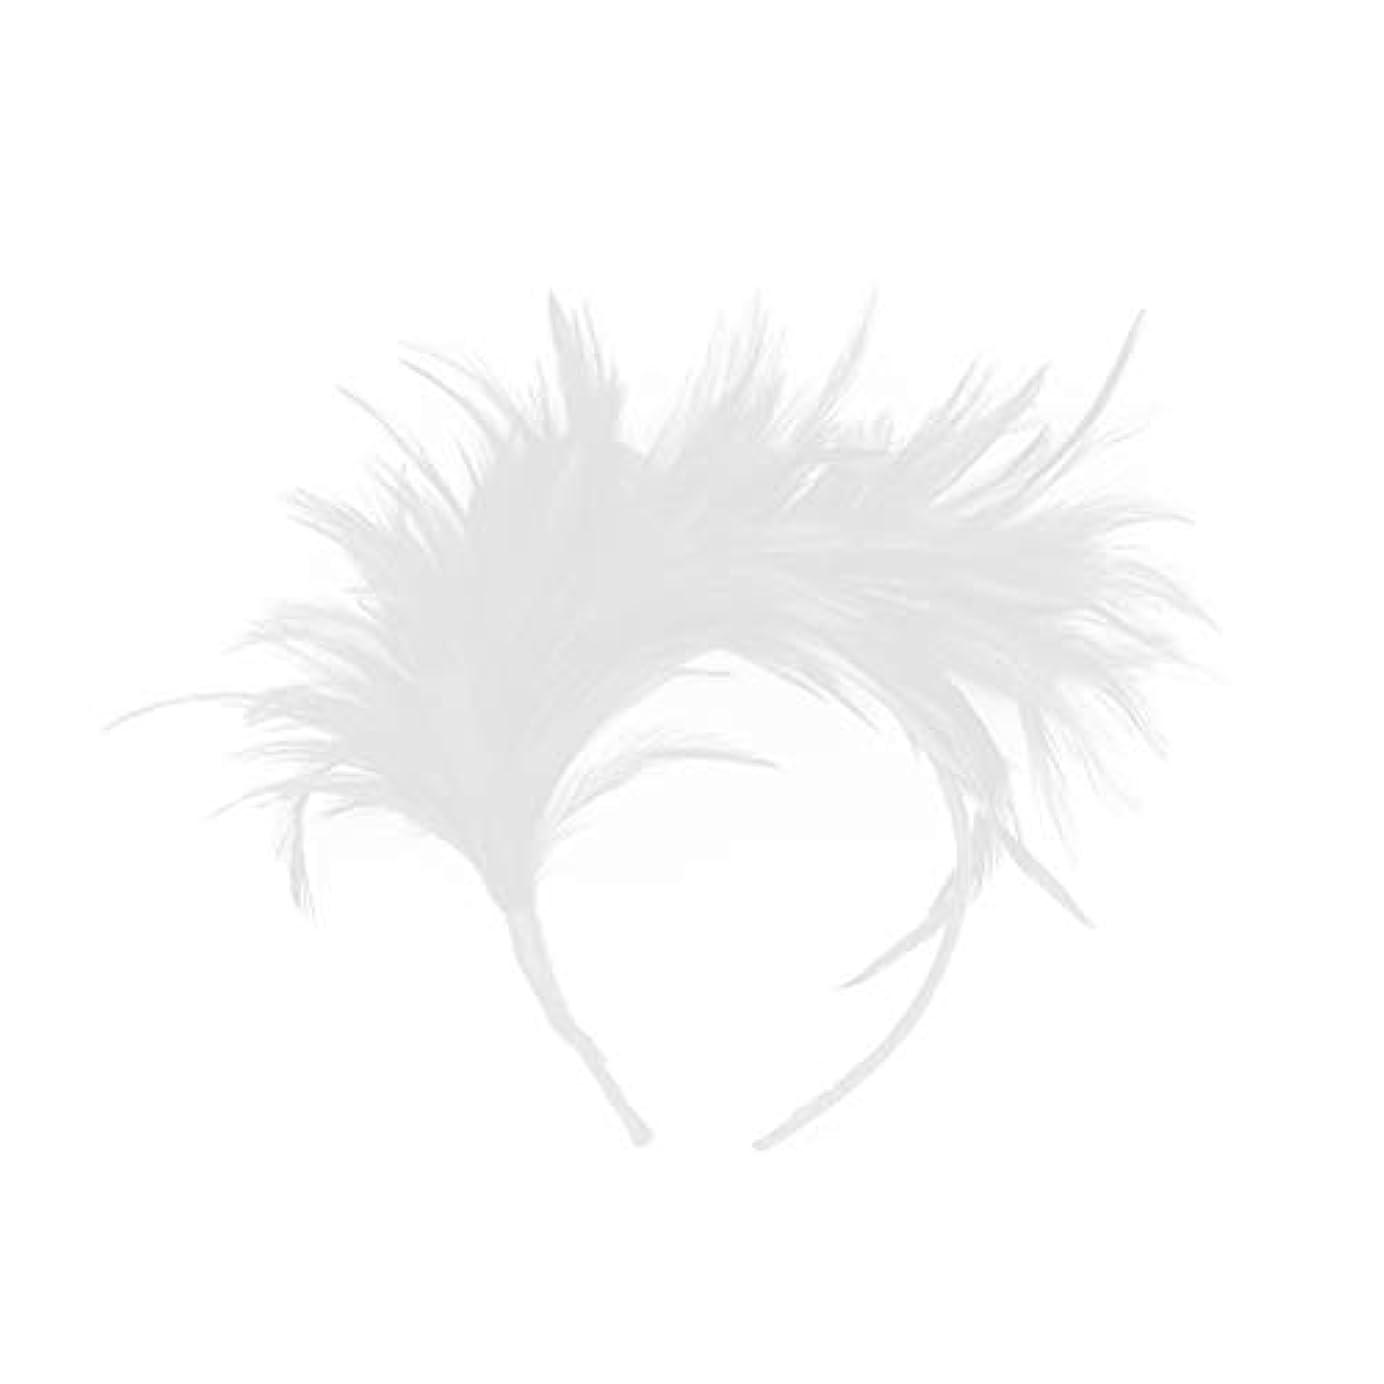 アクセスできない破滅的な毛細血管Lurrose カチューシャ 羽 ヘアアクセサリー 結婚式 写真撮影 演奏会 コンサートウェディング コスプレ パーティー プレゼント 髪飾り (白)